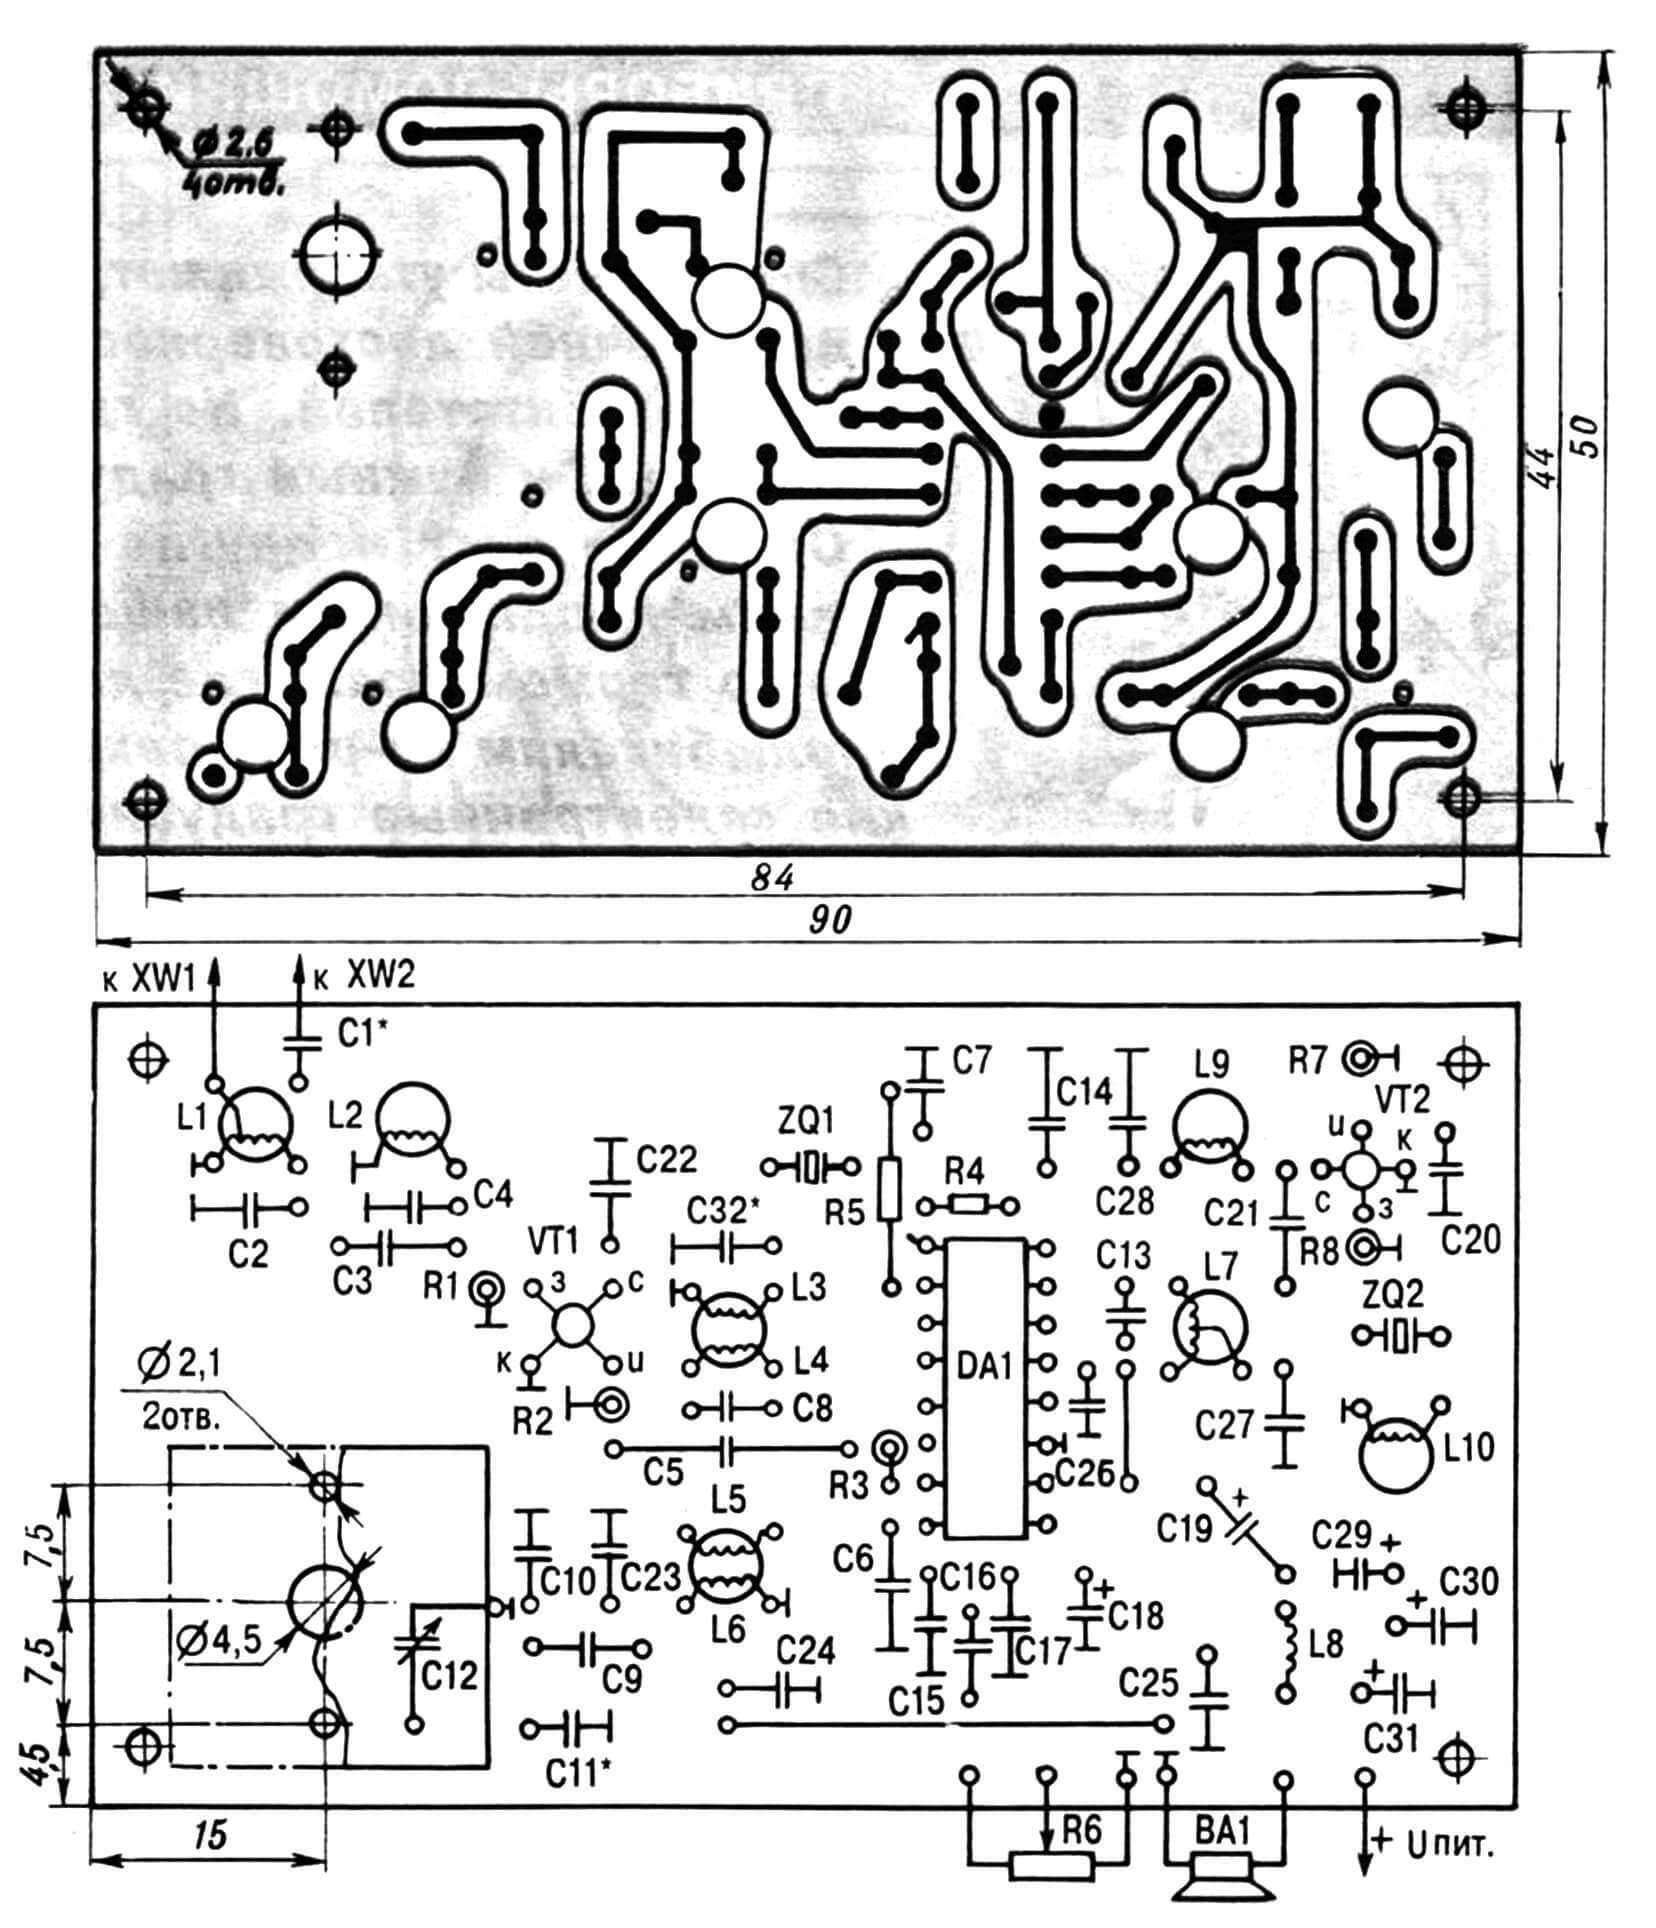 Монтажная плата с указанием расположения радиоэлементов.